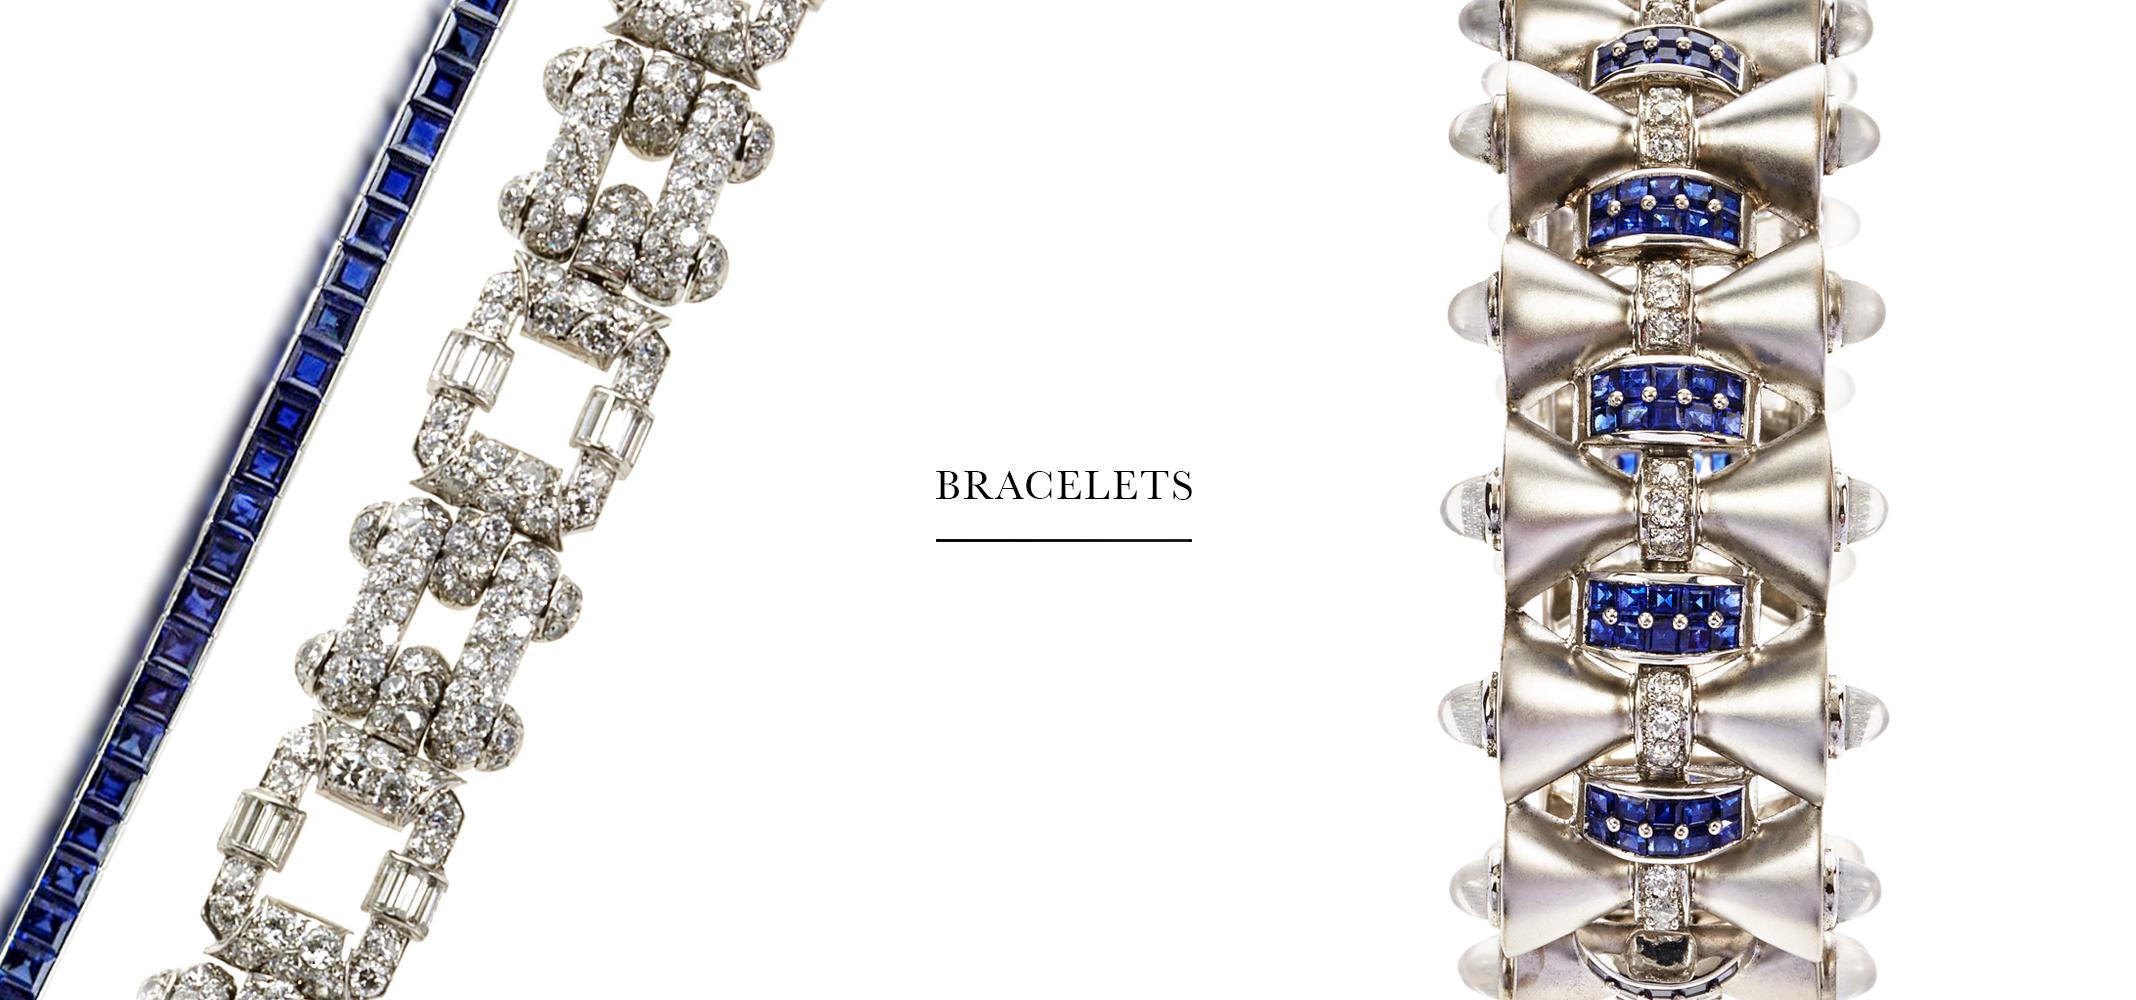 Bracelets Banner 2.jpg